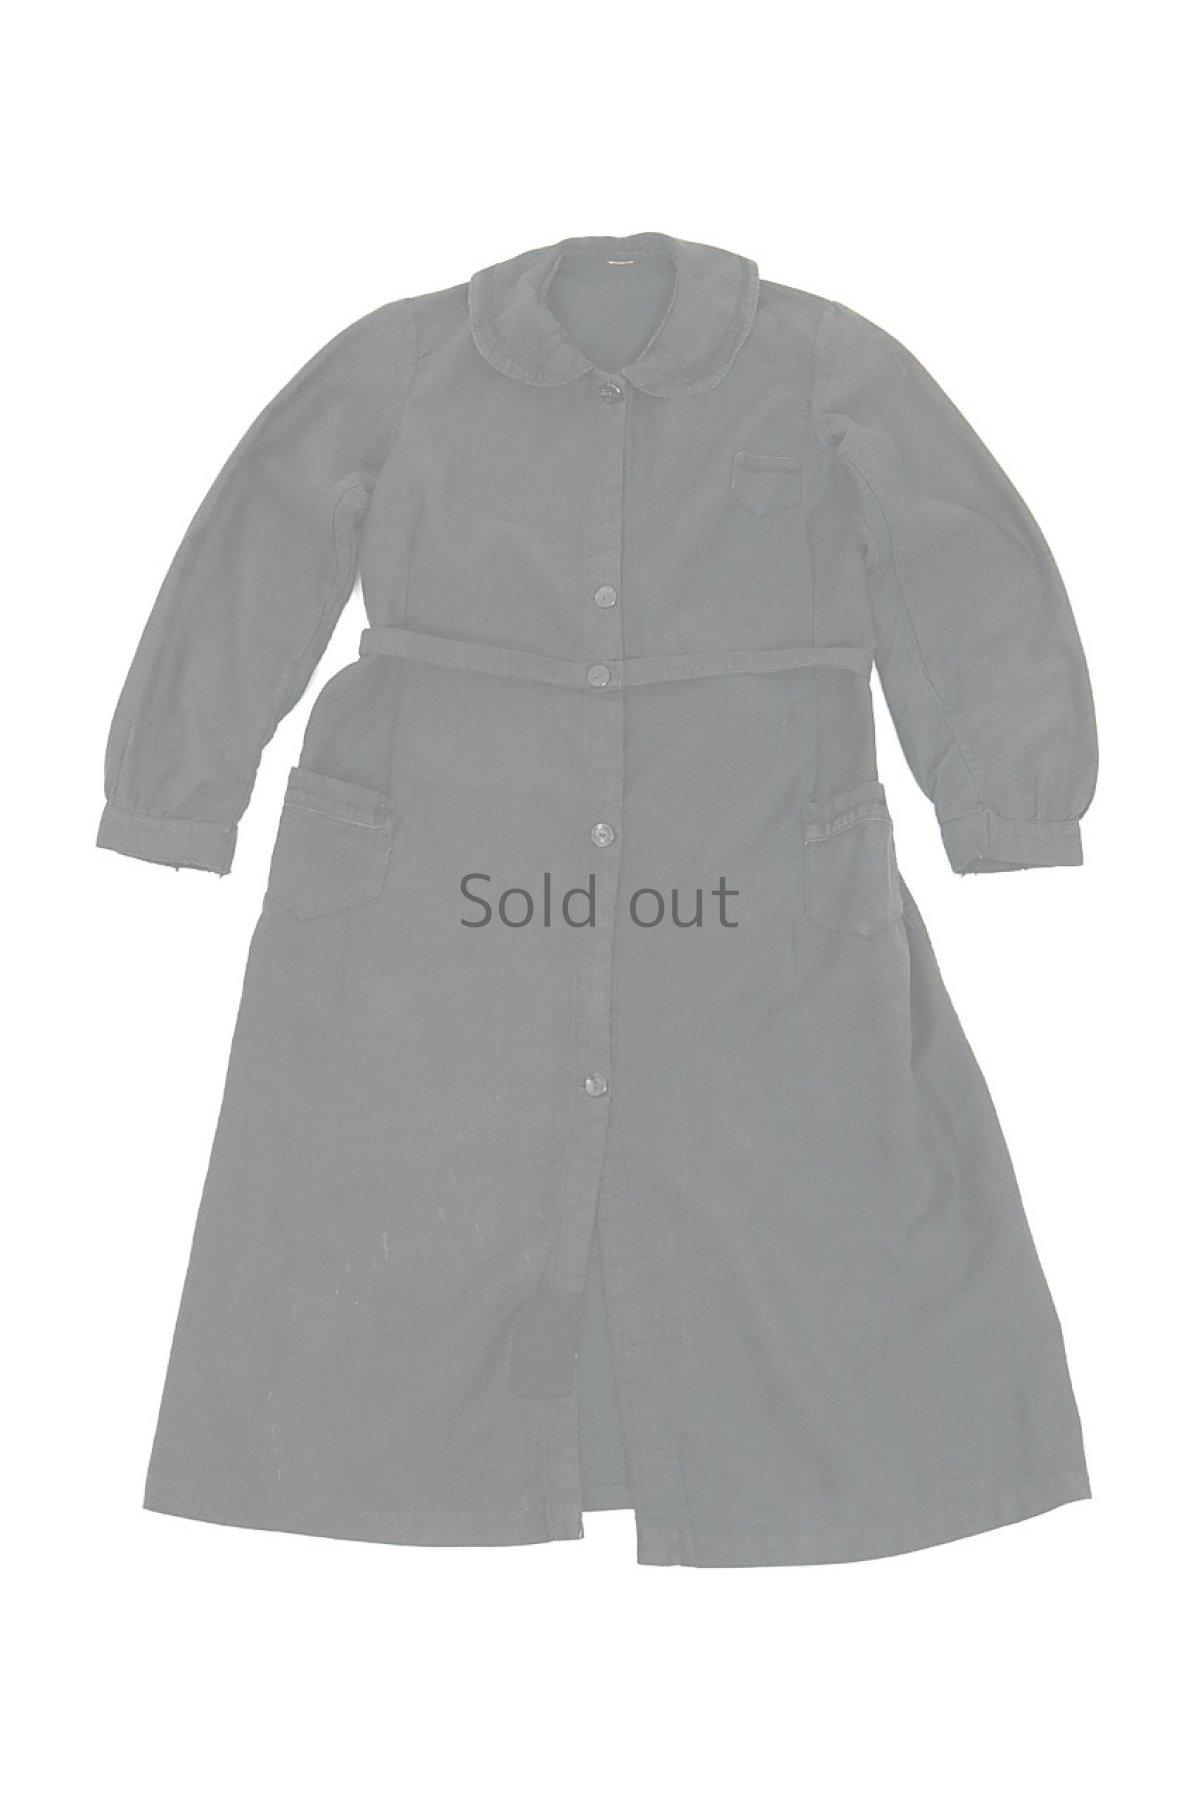 画像1: 【フランス】1930年代頃のブラックワークドレス(丸襟/小さめ) (1)